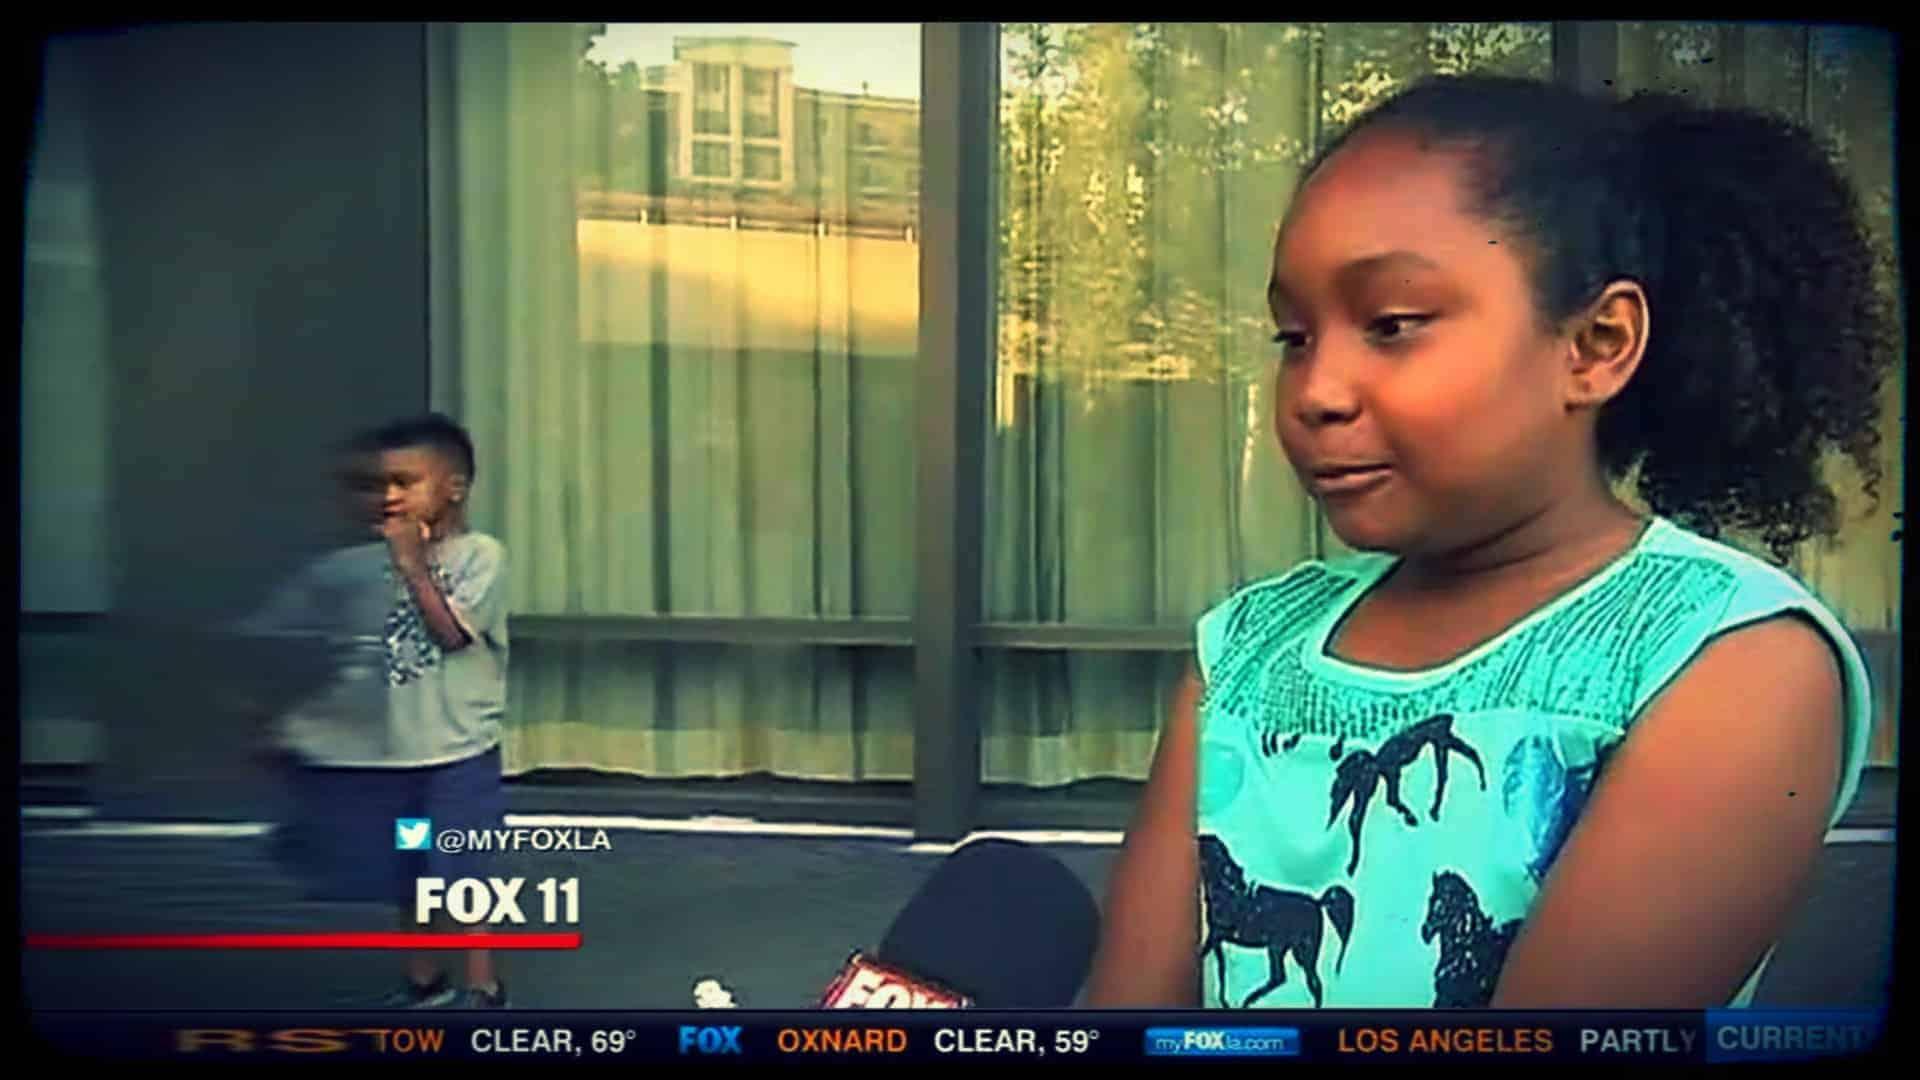 Genesis Butler, named PETA's Cutest Vegan Kid 2015, is shown being interviewed by Fox11 news.